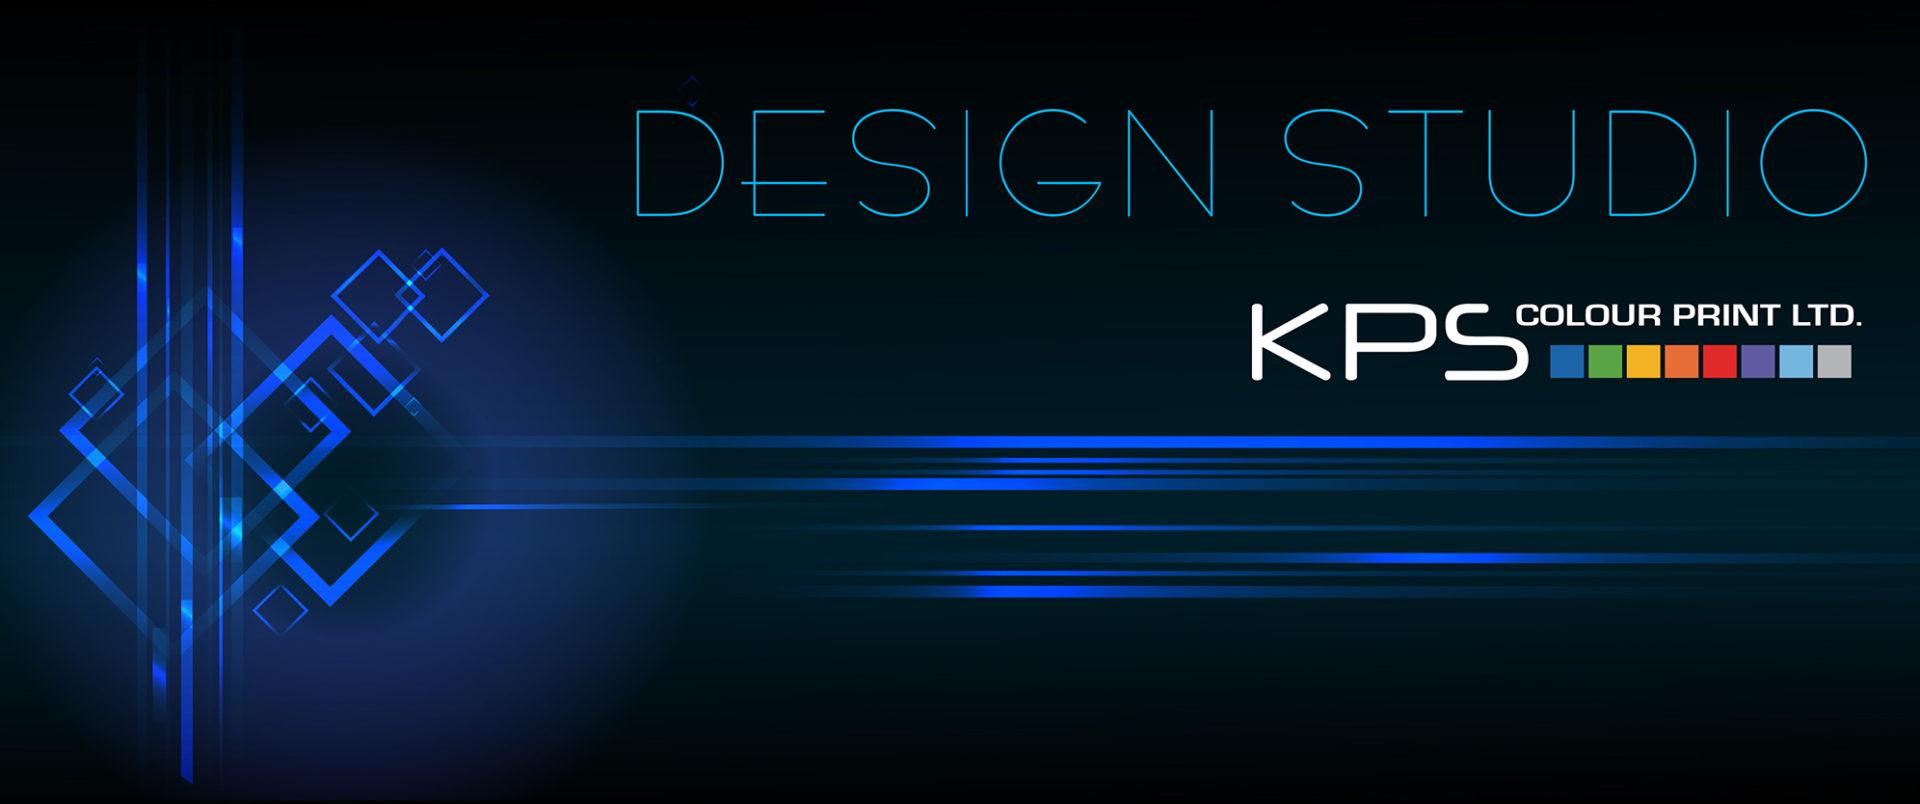 KPS Design Studio